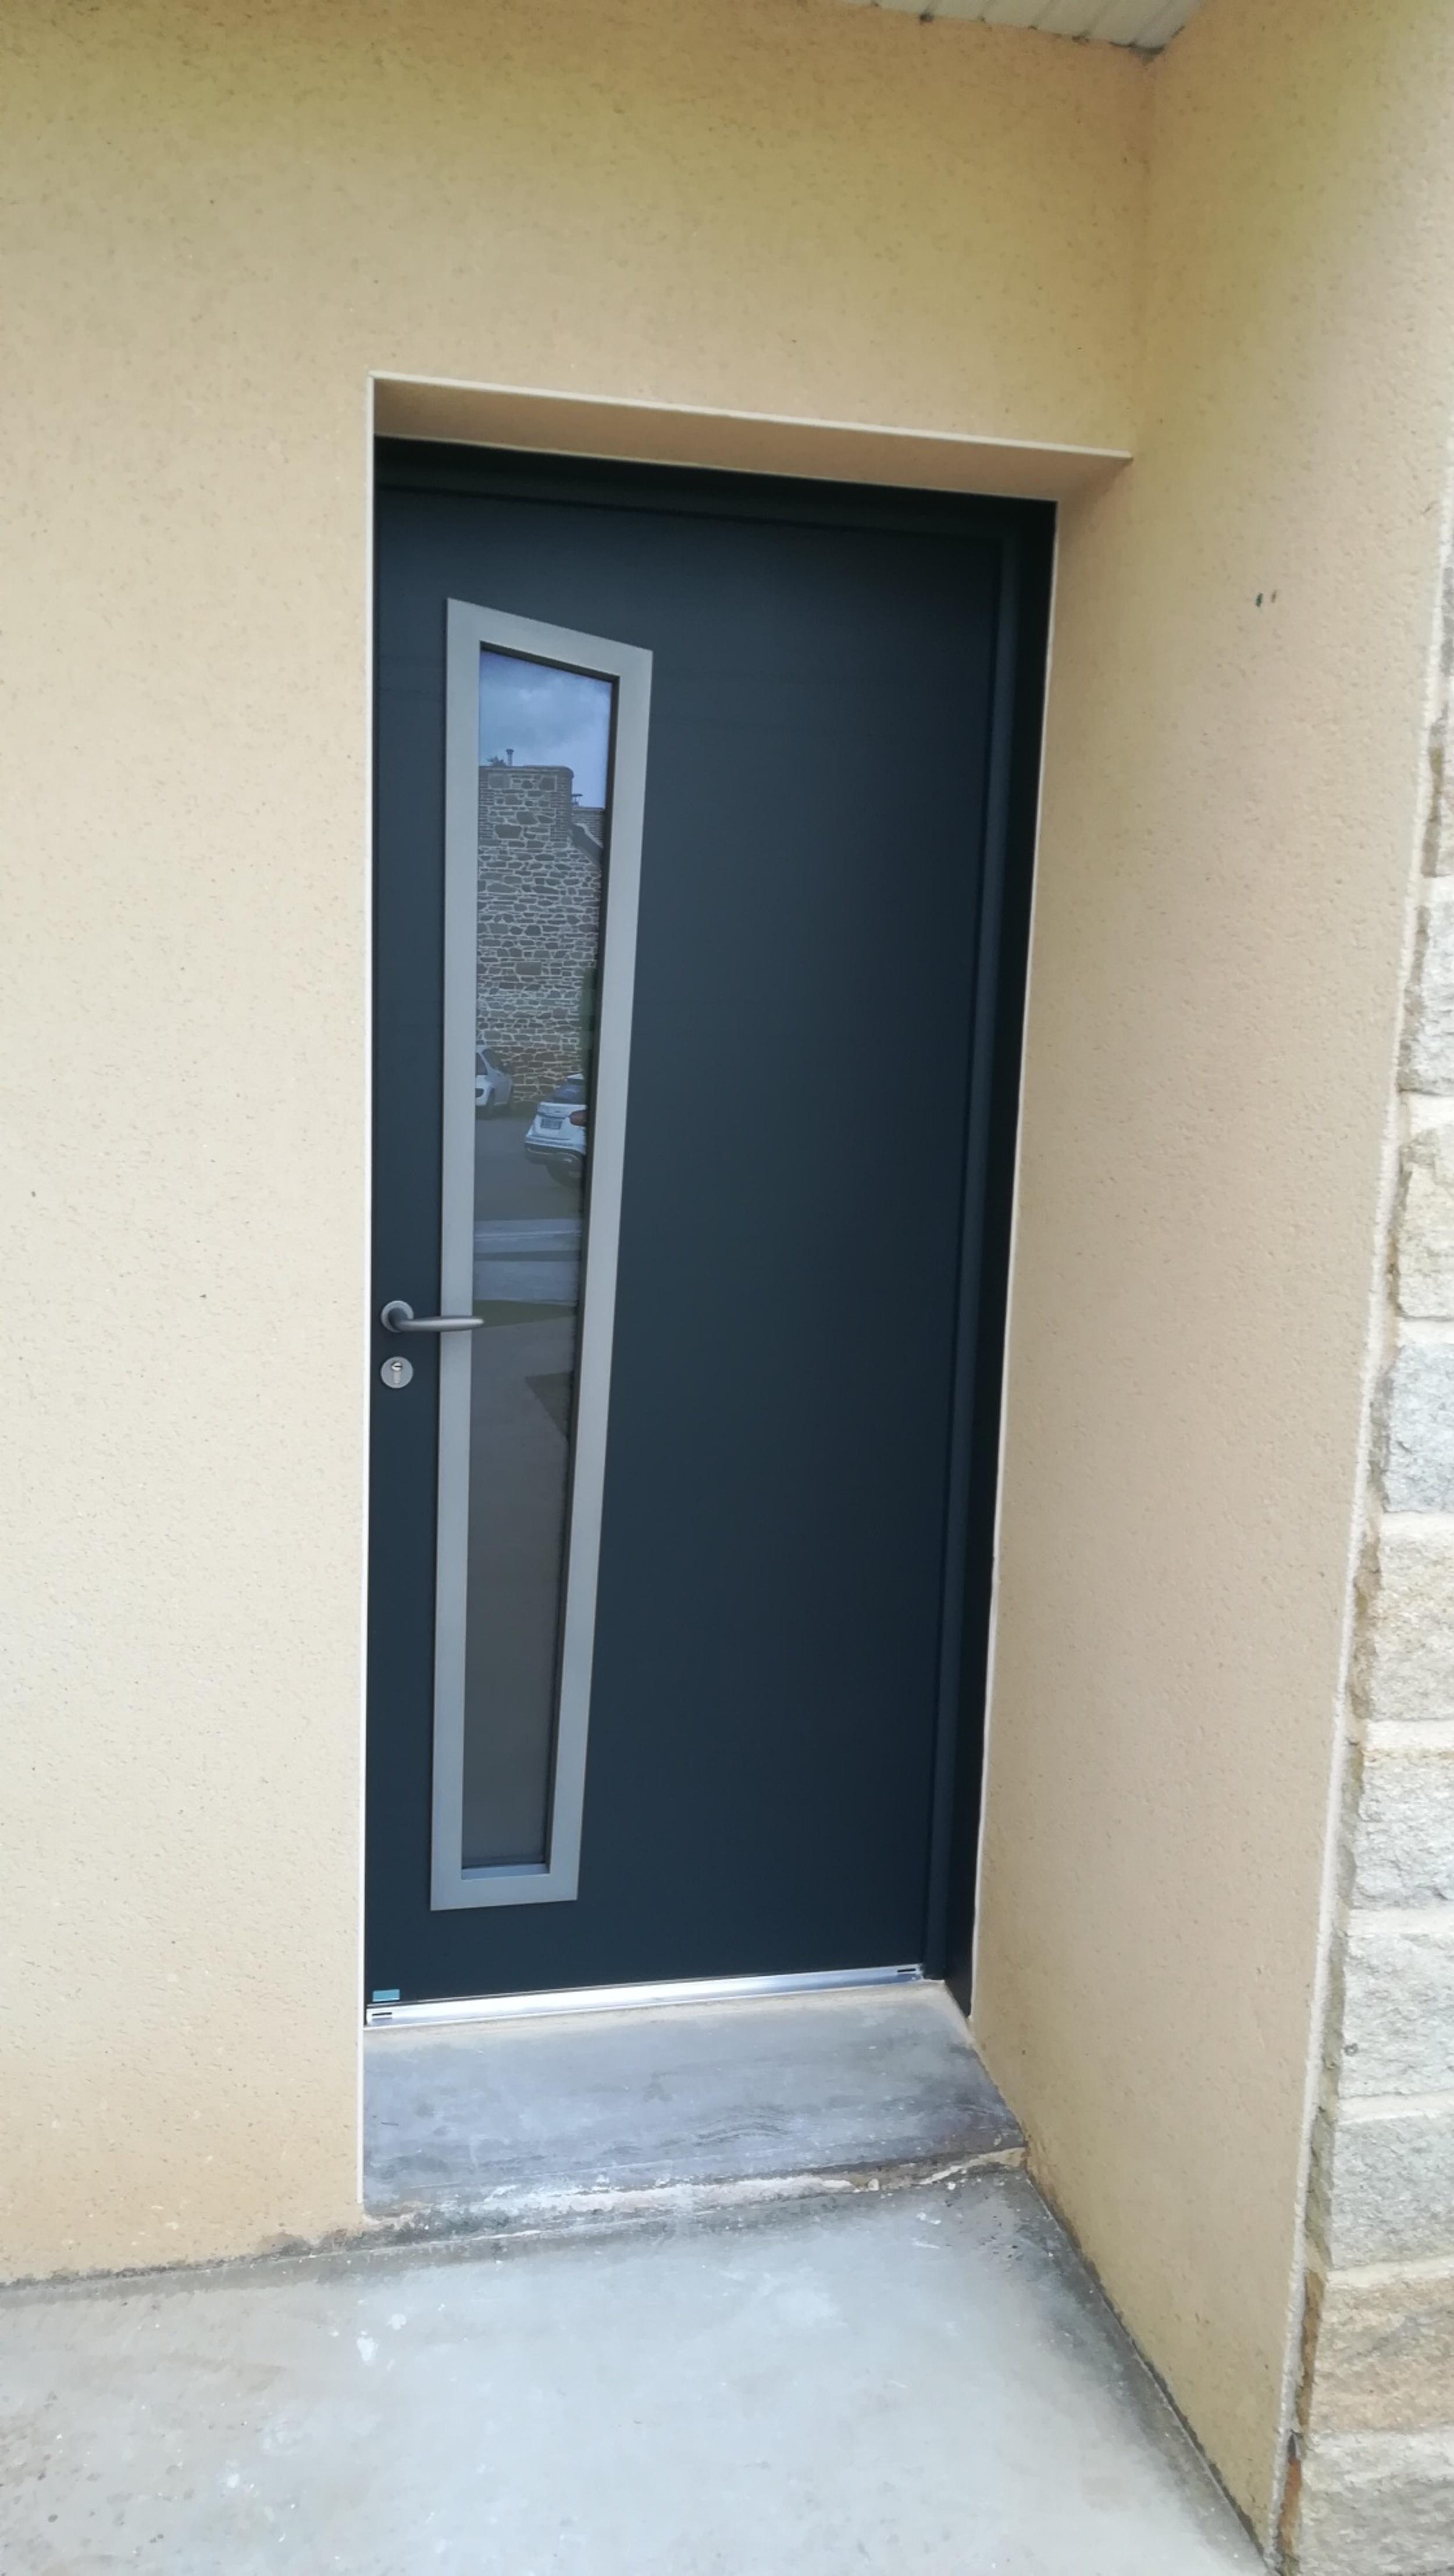 Porte de garage et porte d'entrée - Hillion (22)